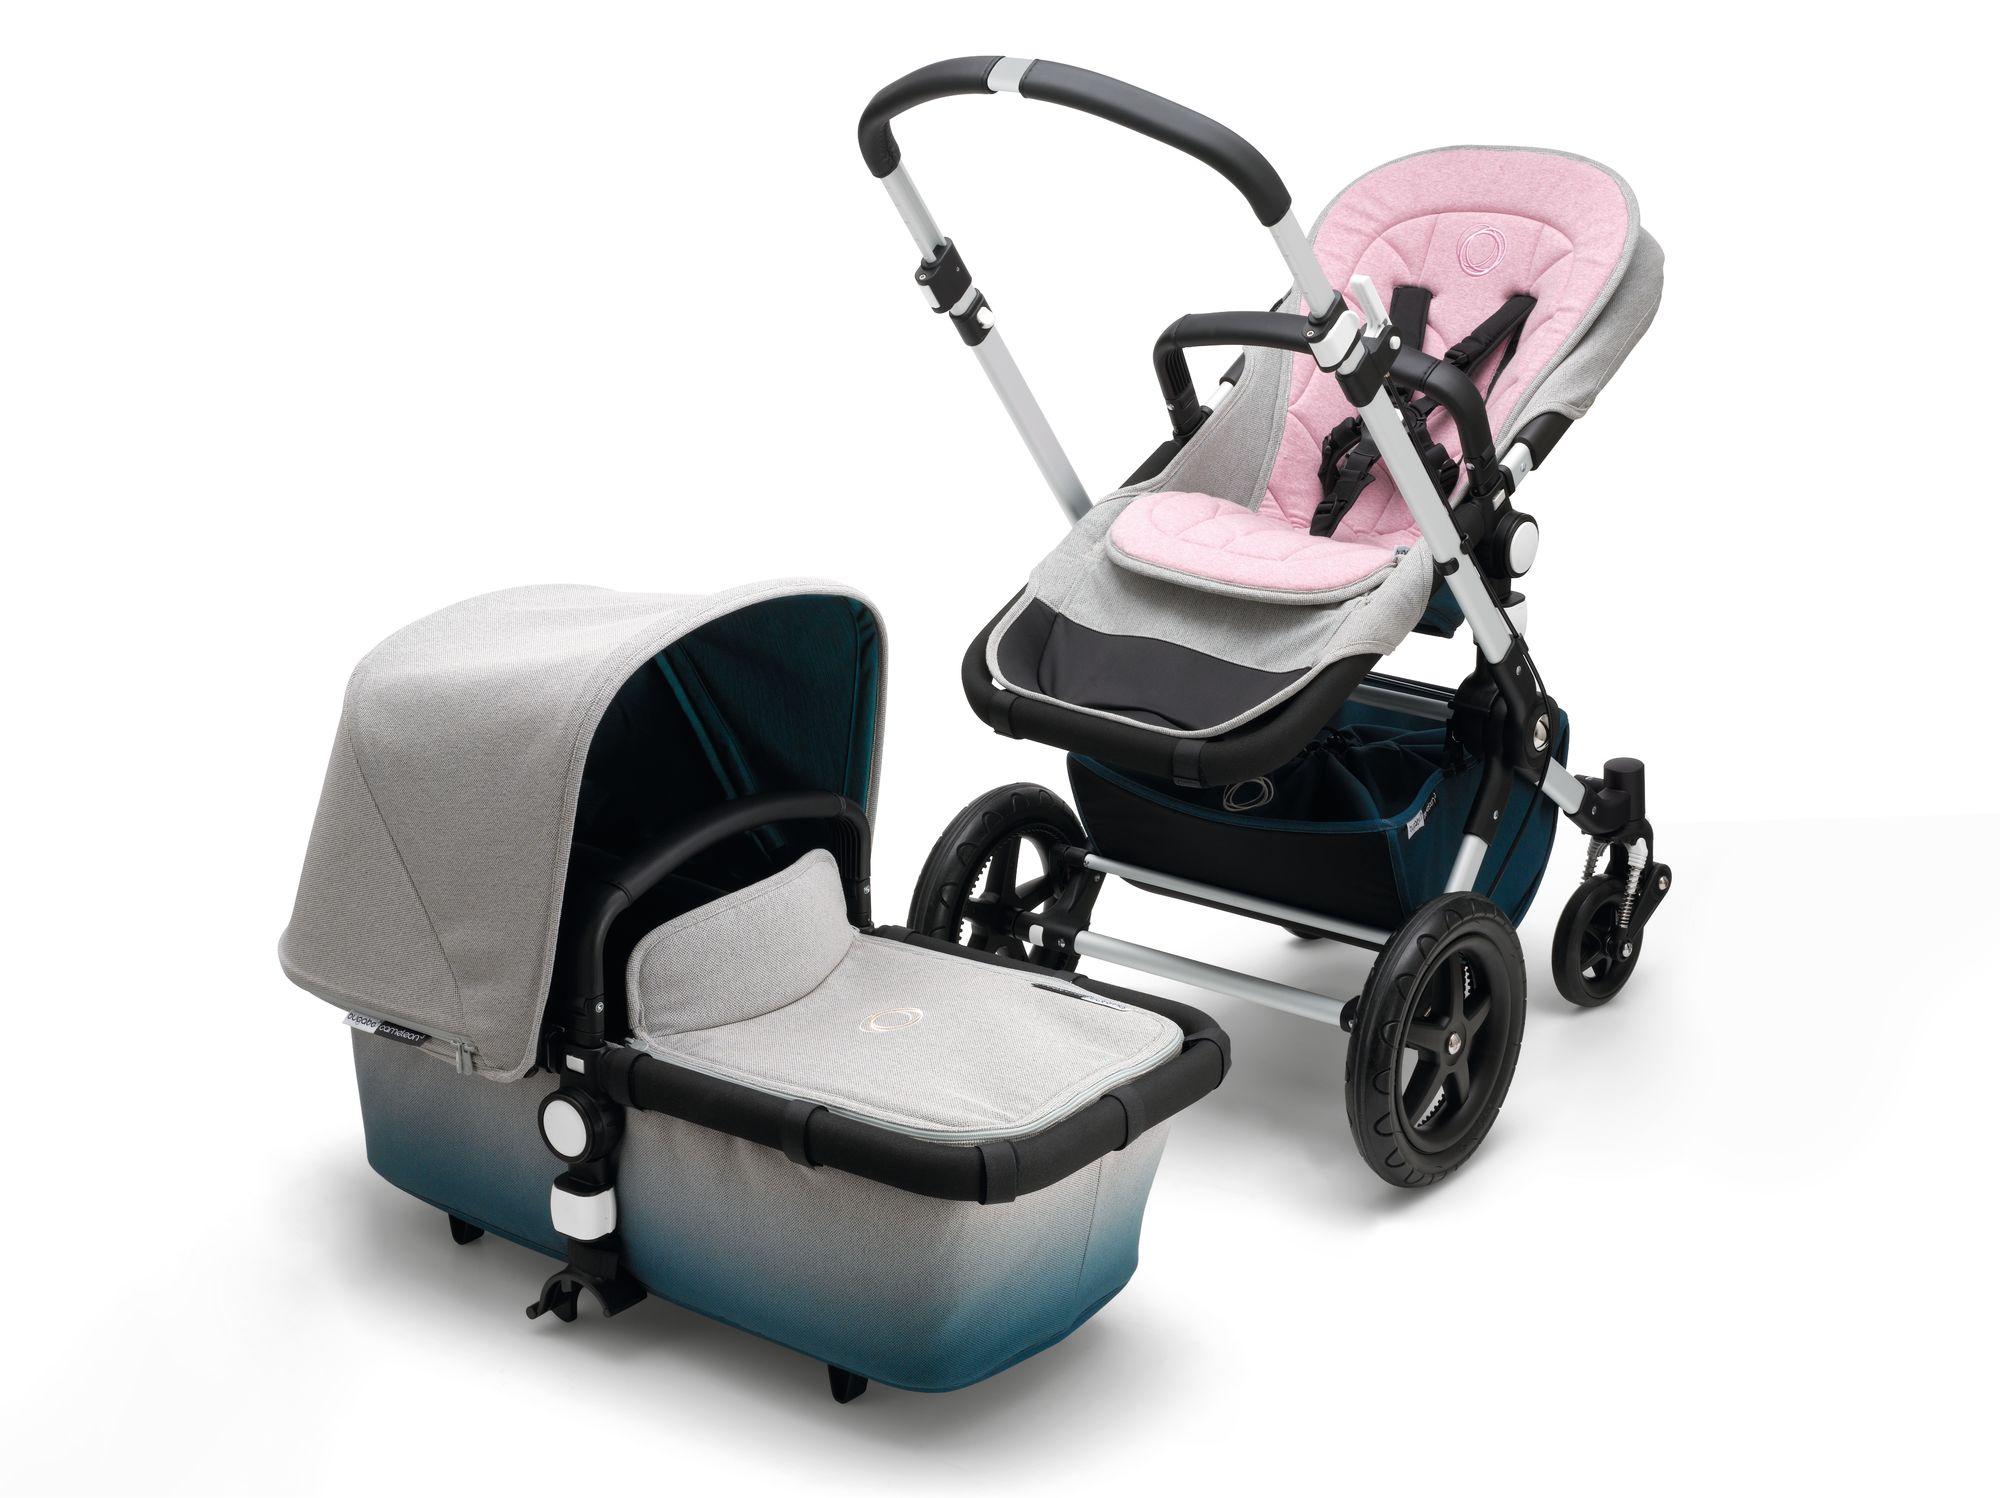 Nuevo bugaboo cameleon 3 elements ilusi n beb alicante - Alquiler coche con silla bebe ...